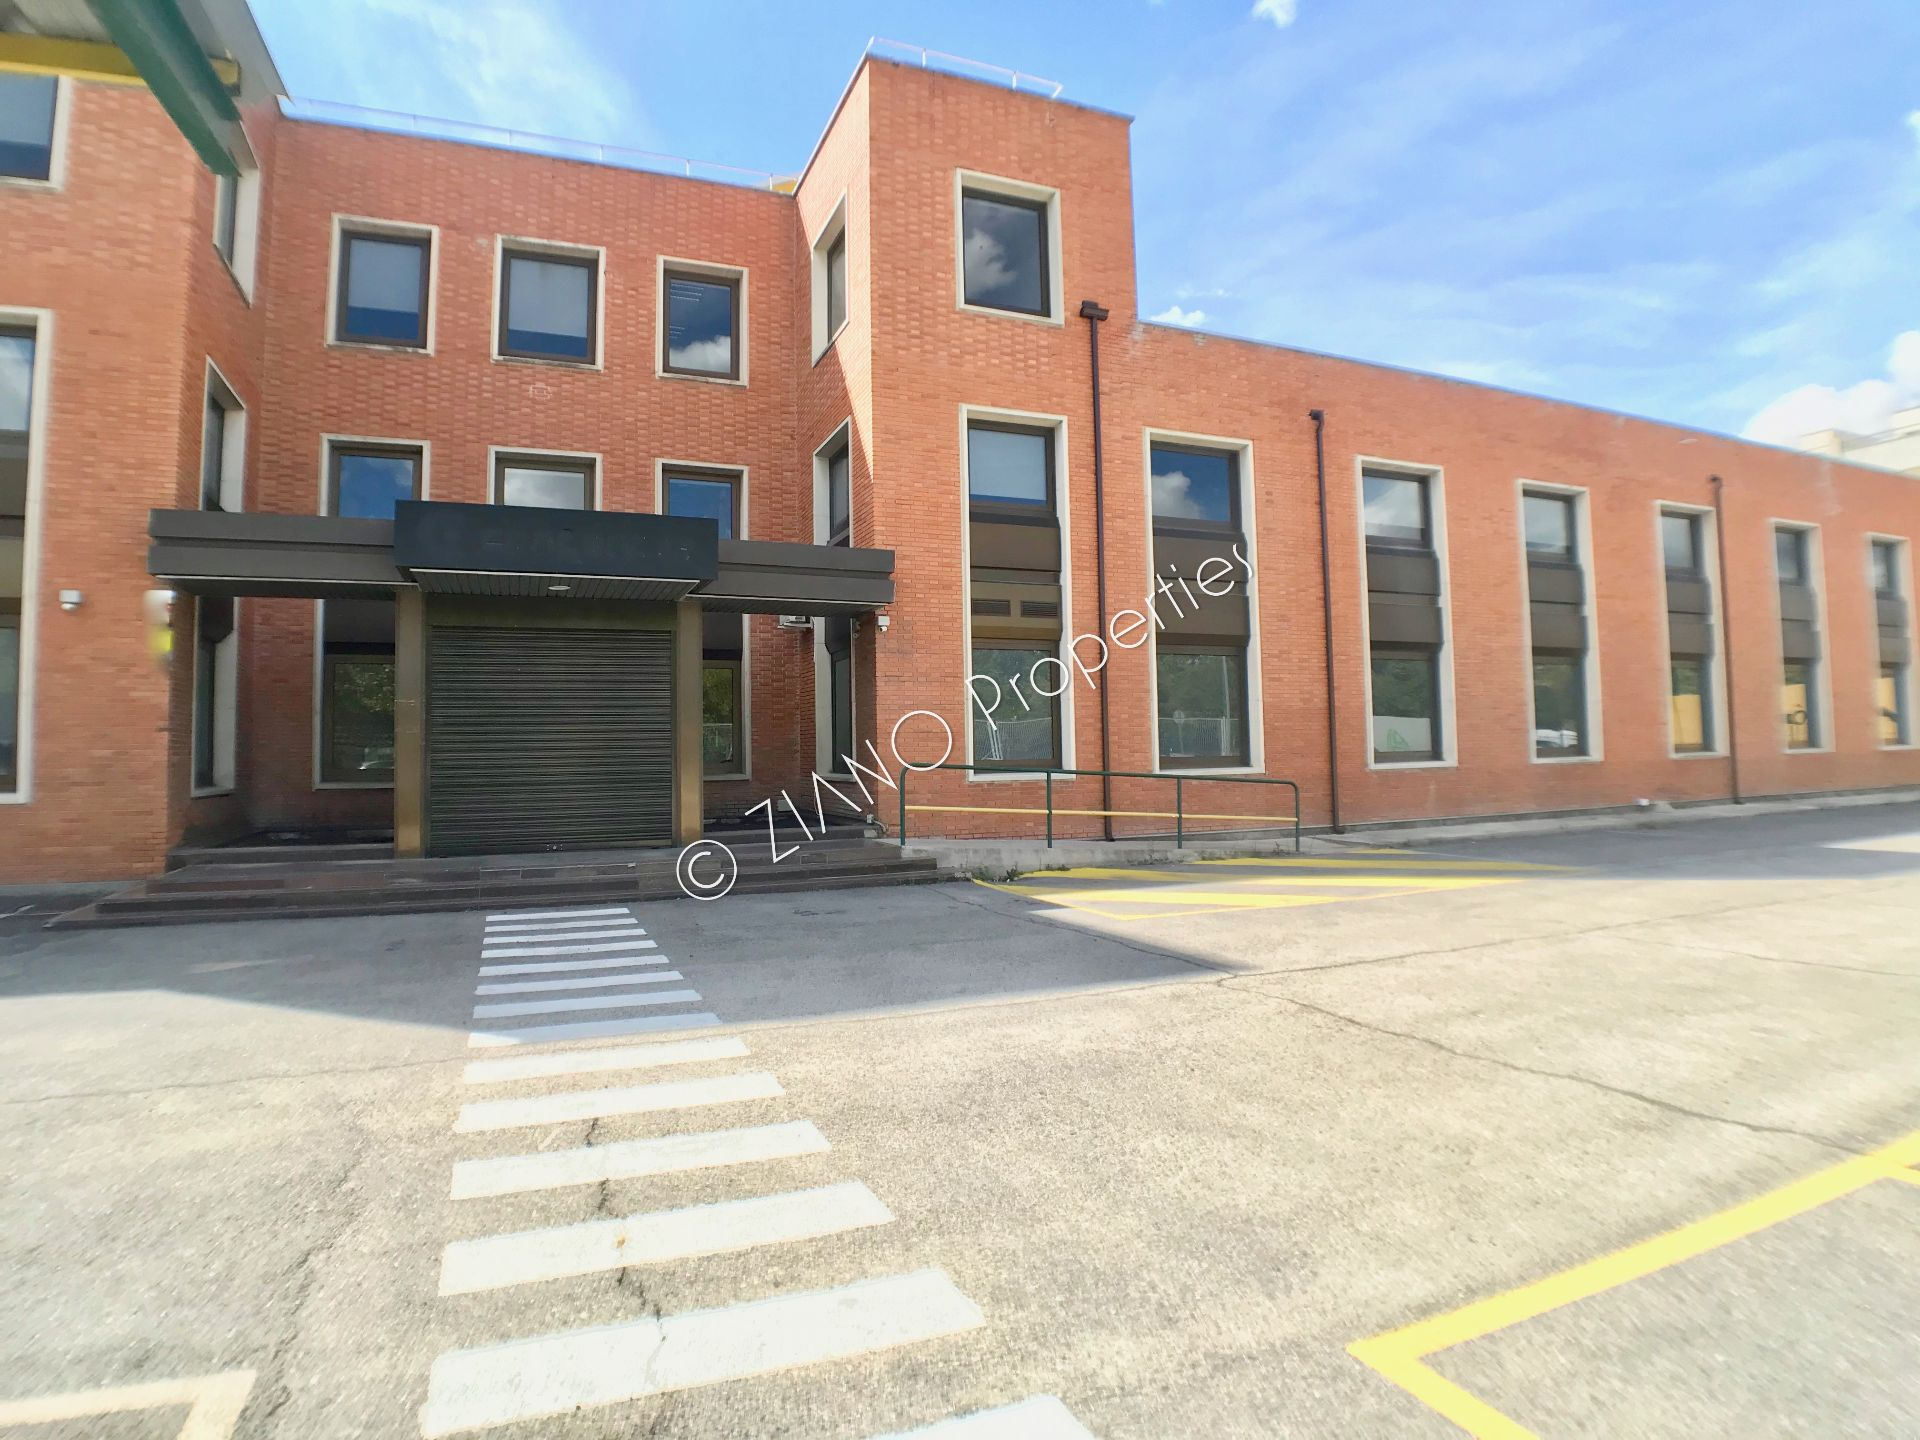 Edificio en Alcorcón, Edificio Oficinas Polígono Urtinsa, alquiler